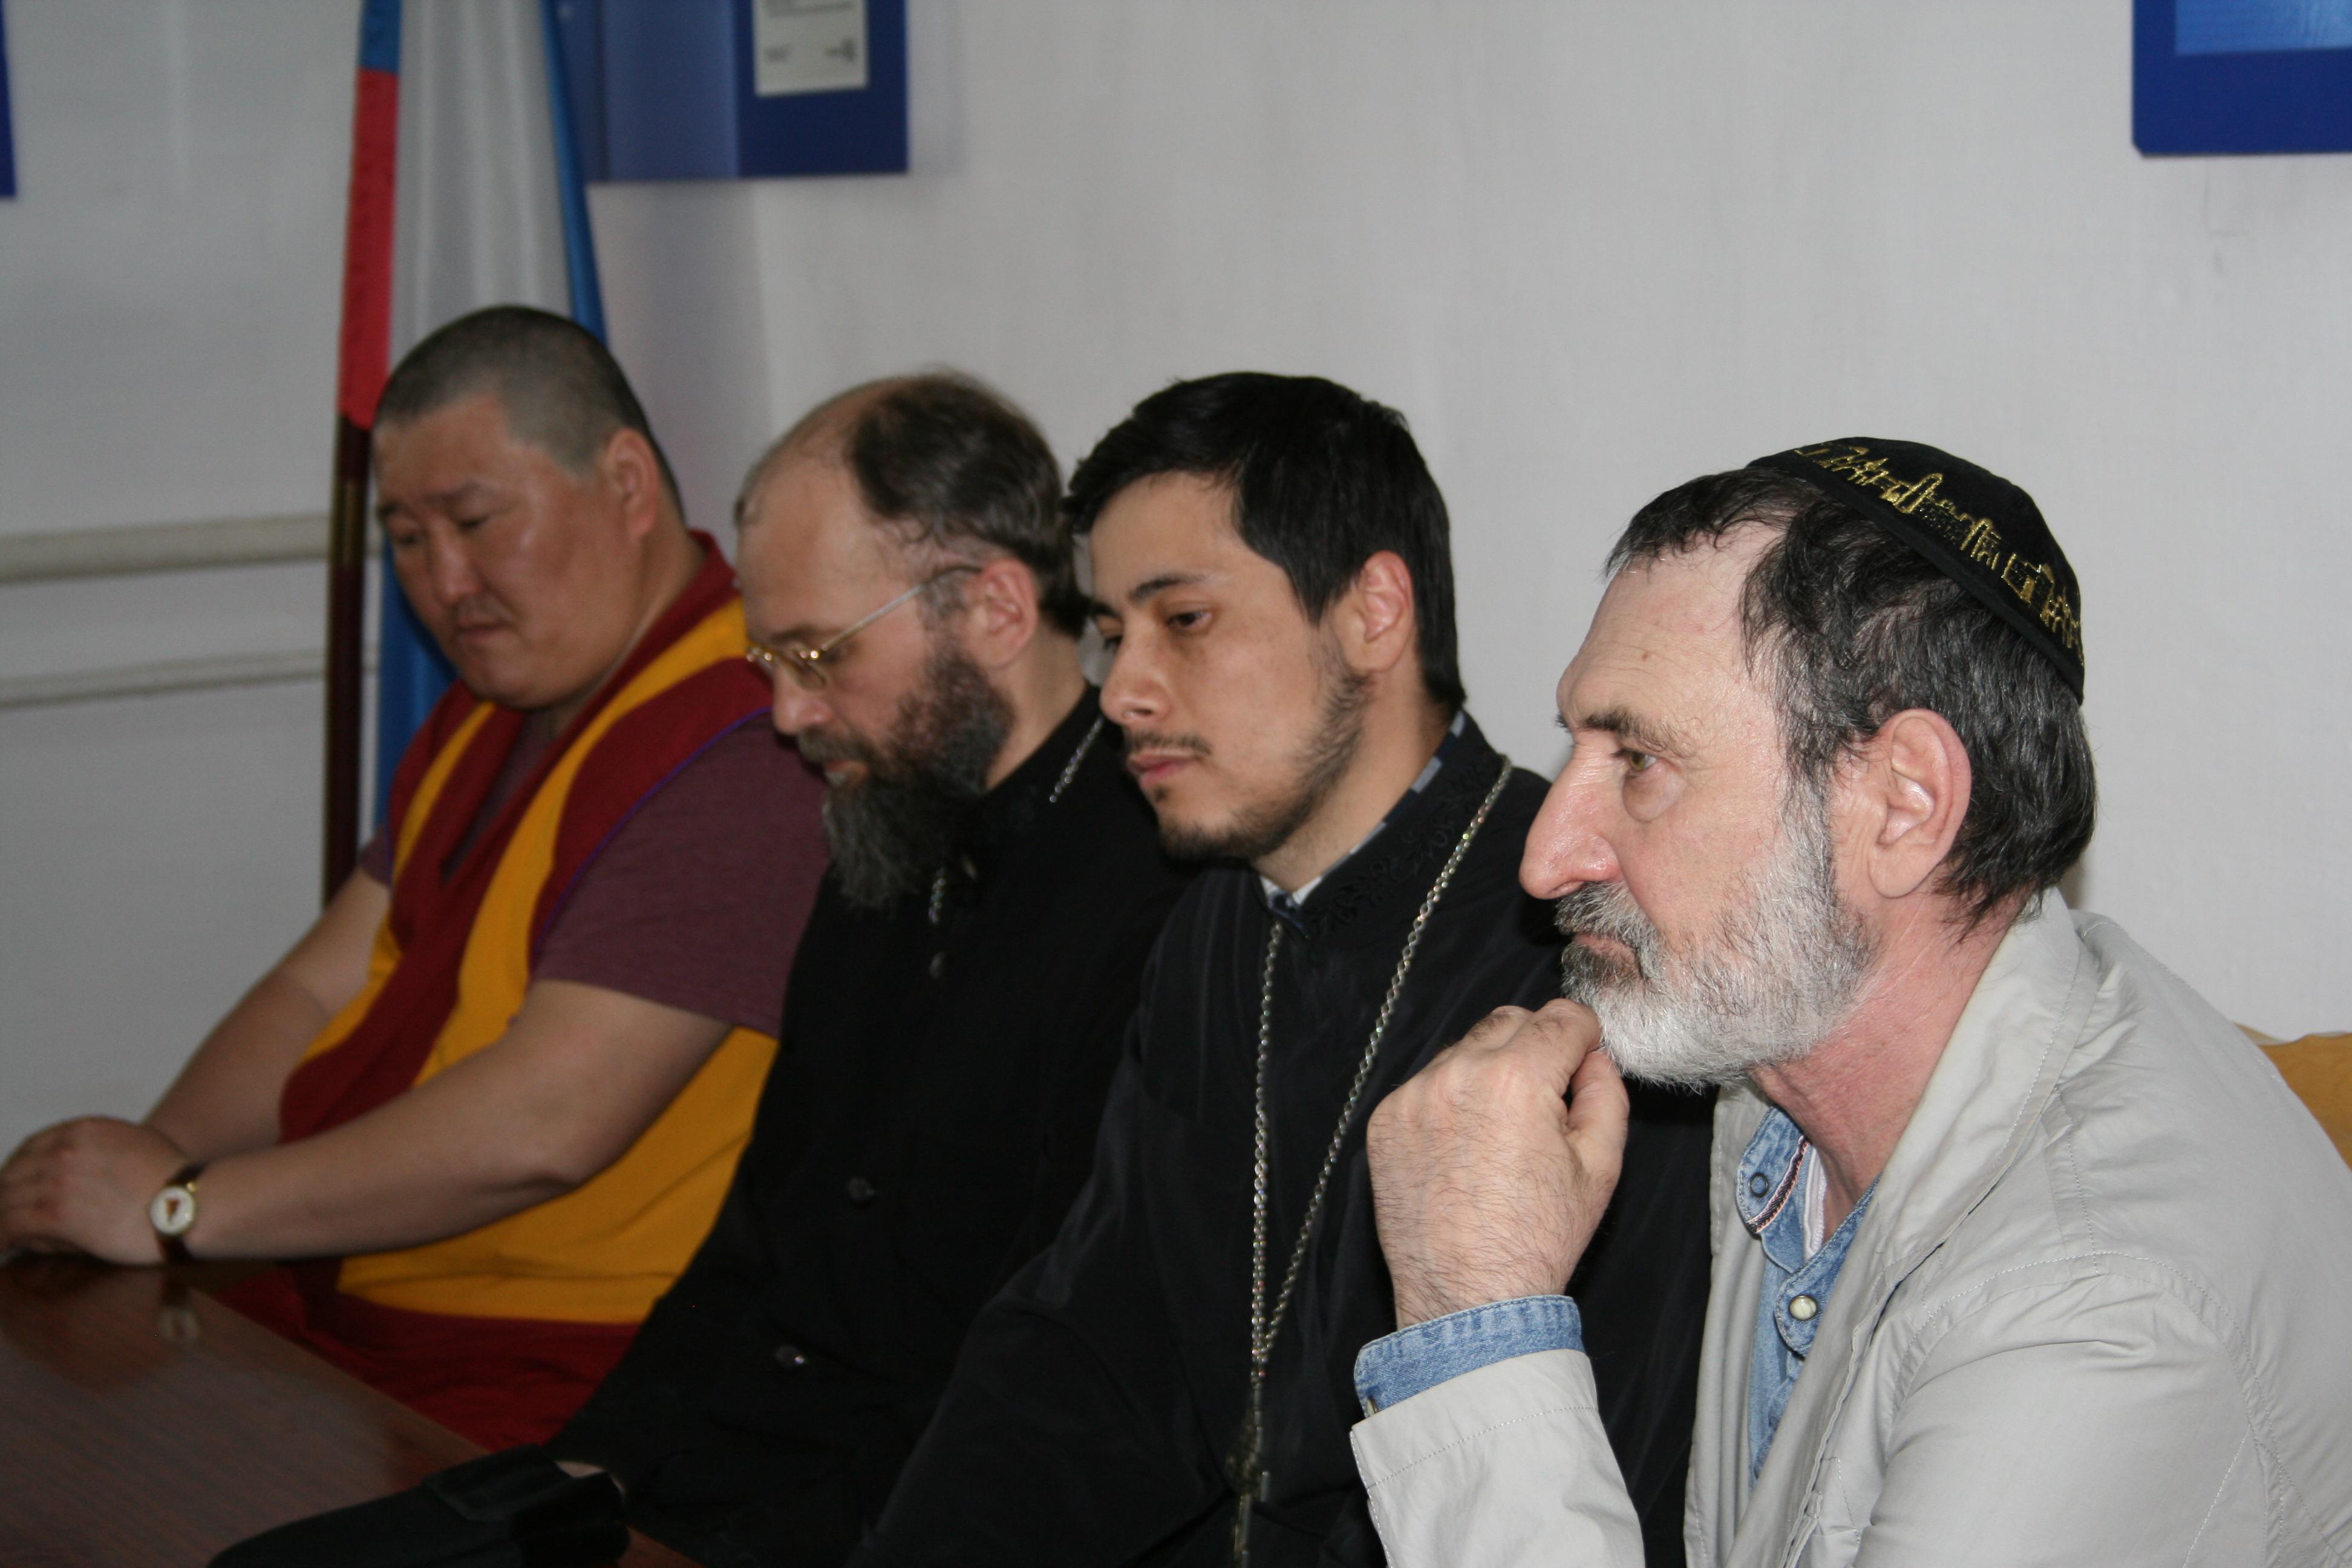 Исправительную колонию № 8 Бурятии посетили представители трех религиозных конфессий